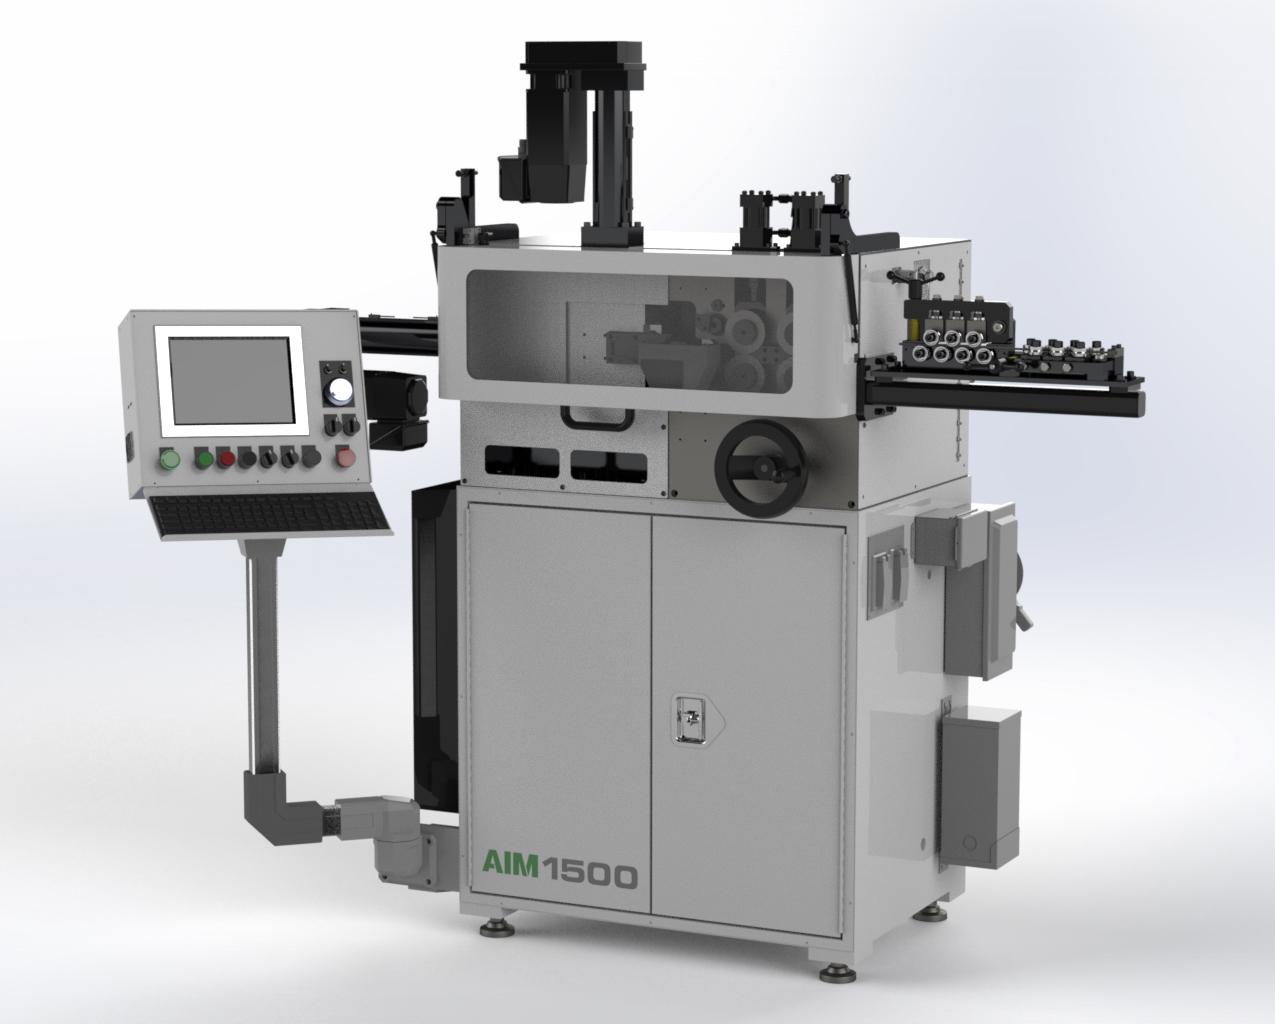 AIM 1500 CNC Spring Coiler